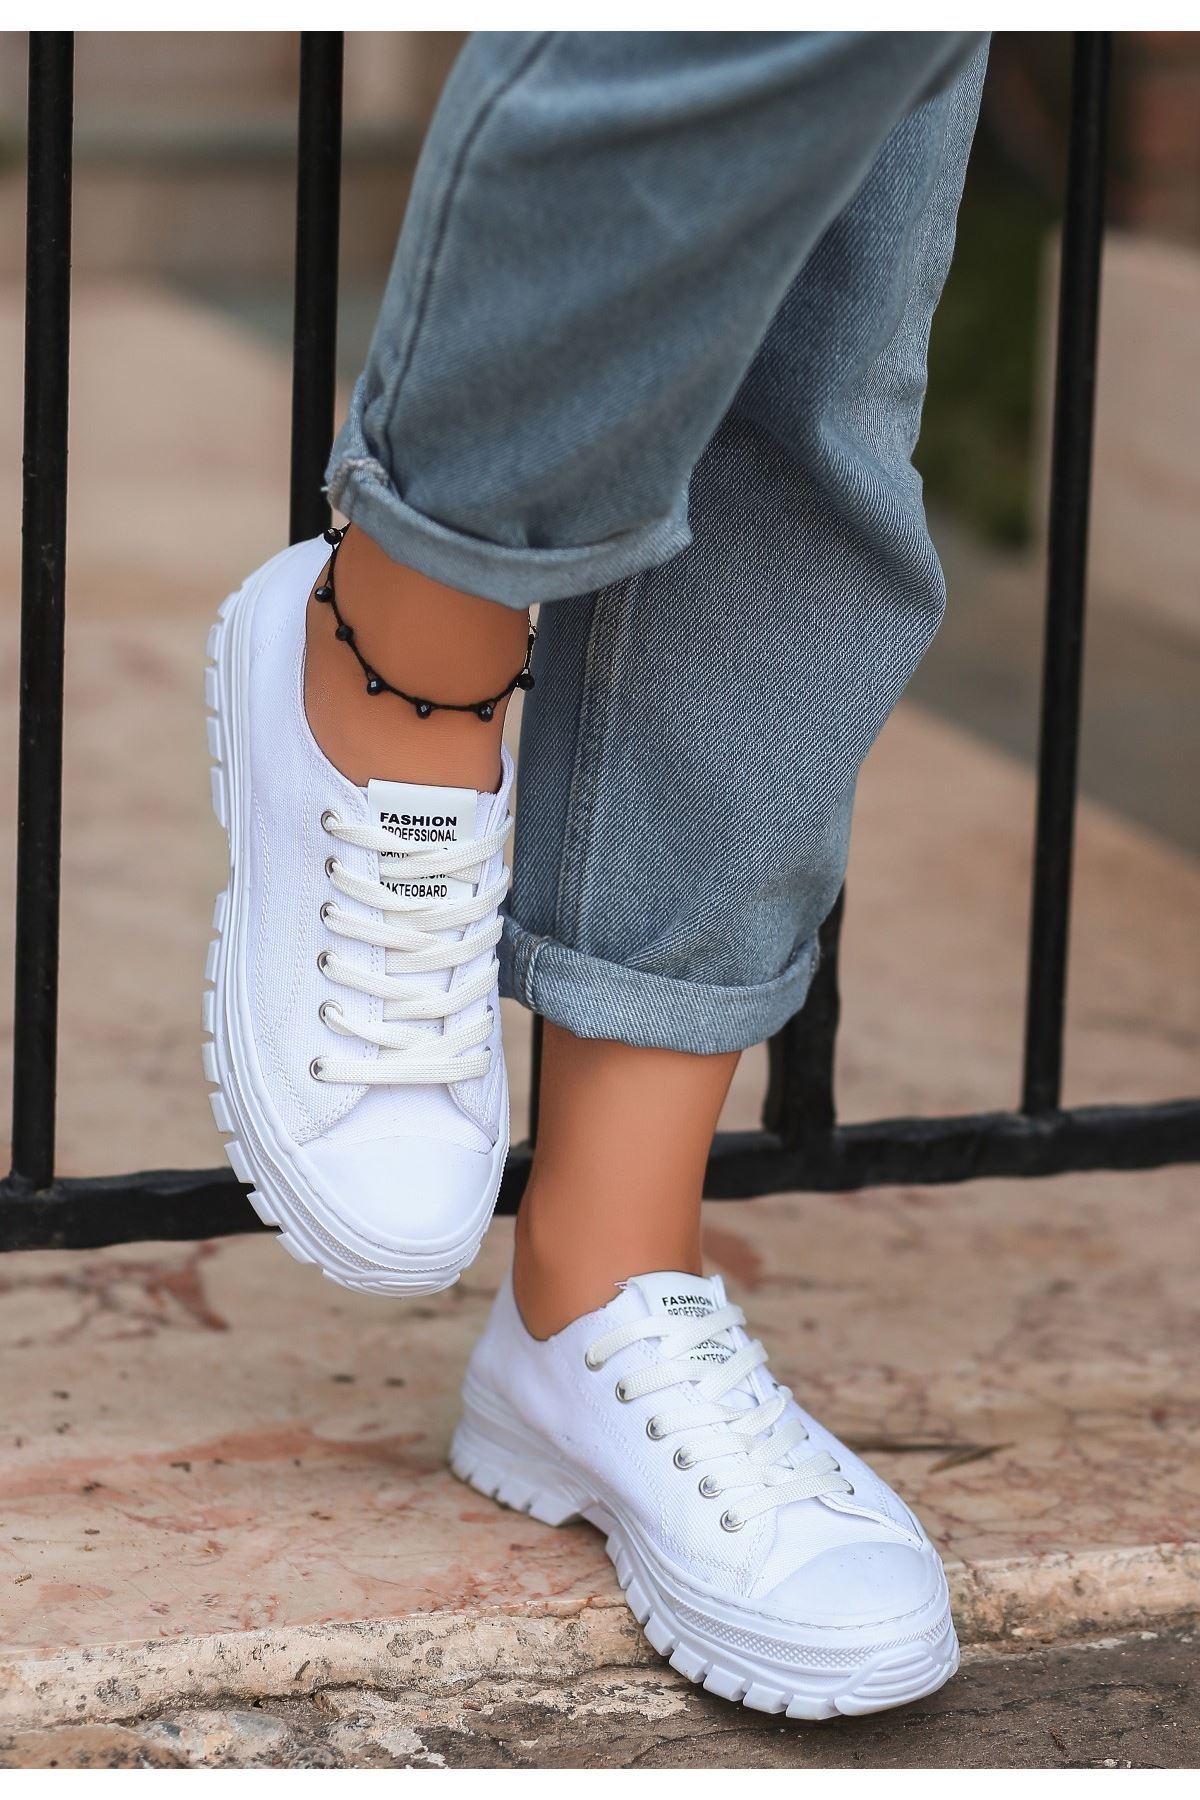 Kami Beyaz Keten Bağcıklı Spor Ayakkabı